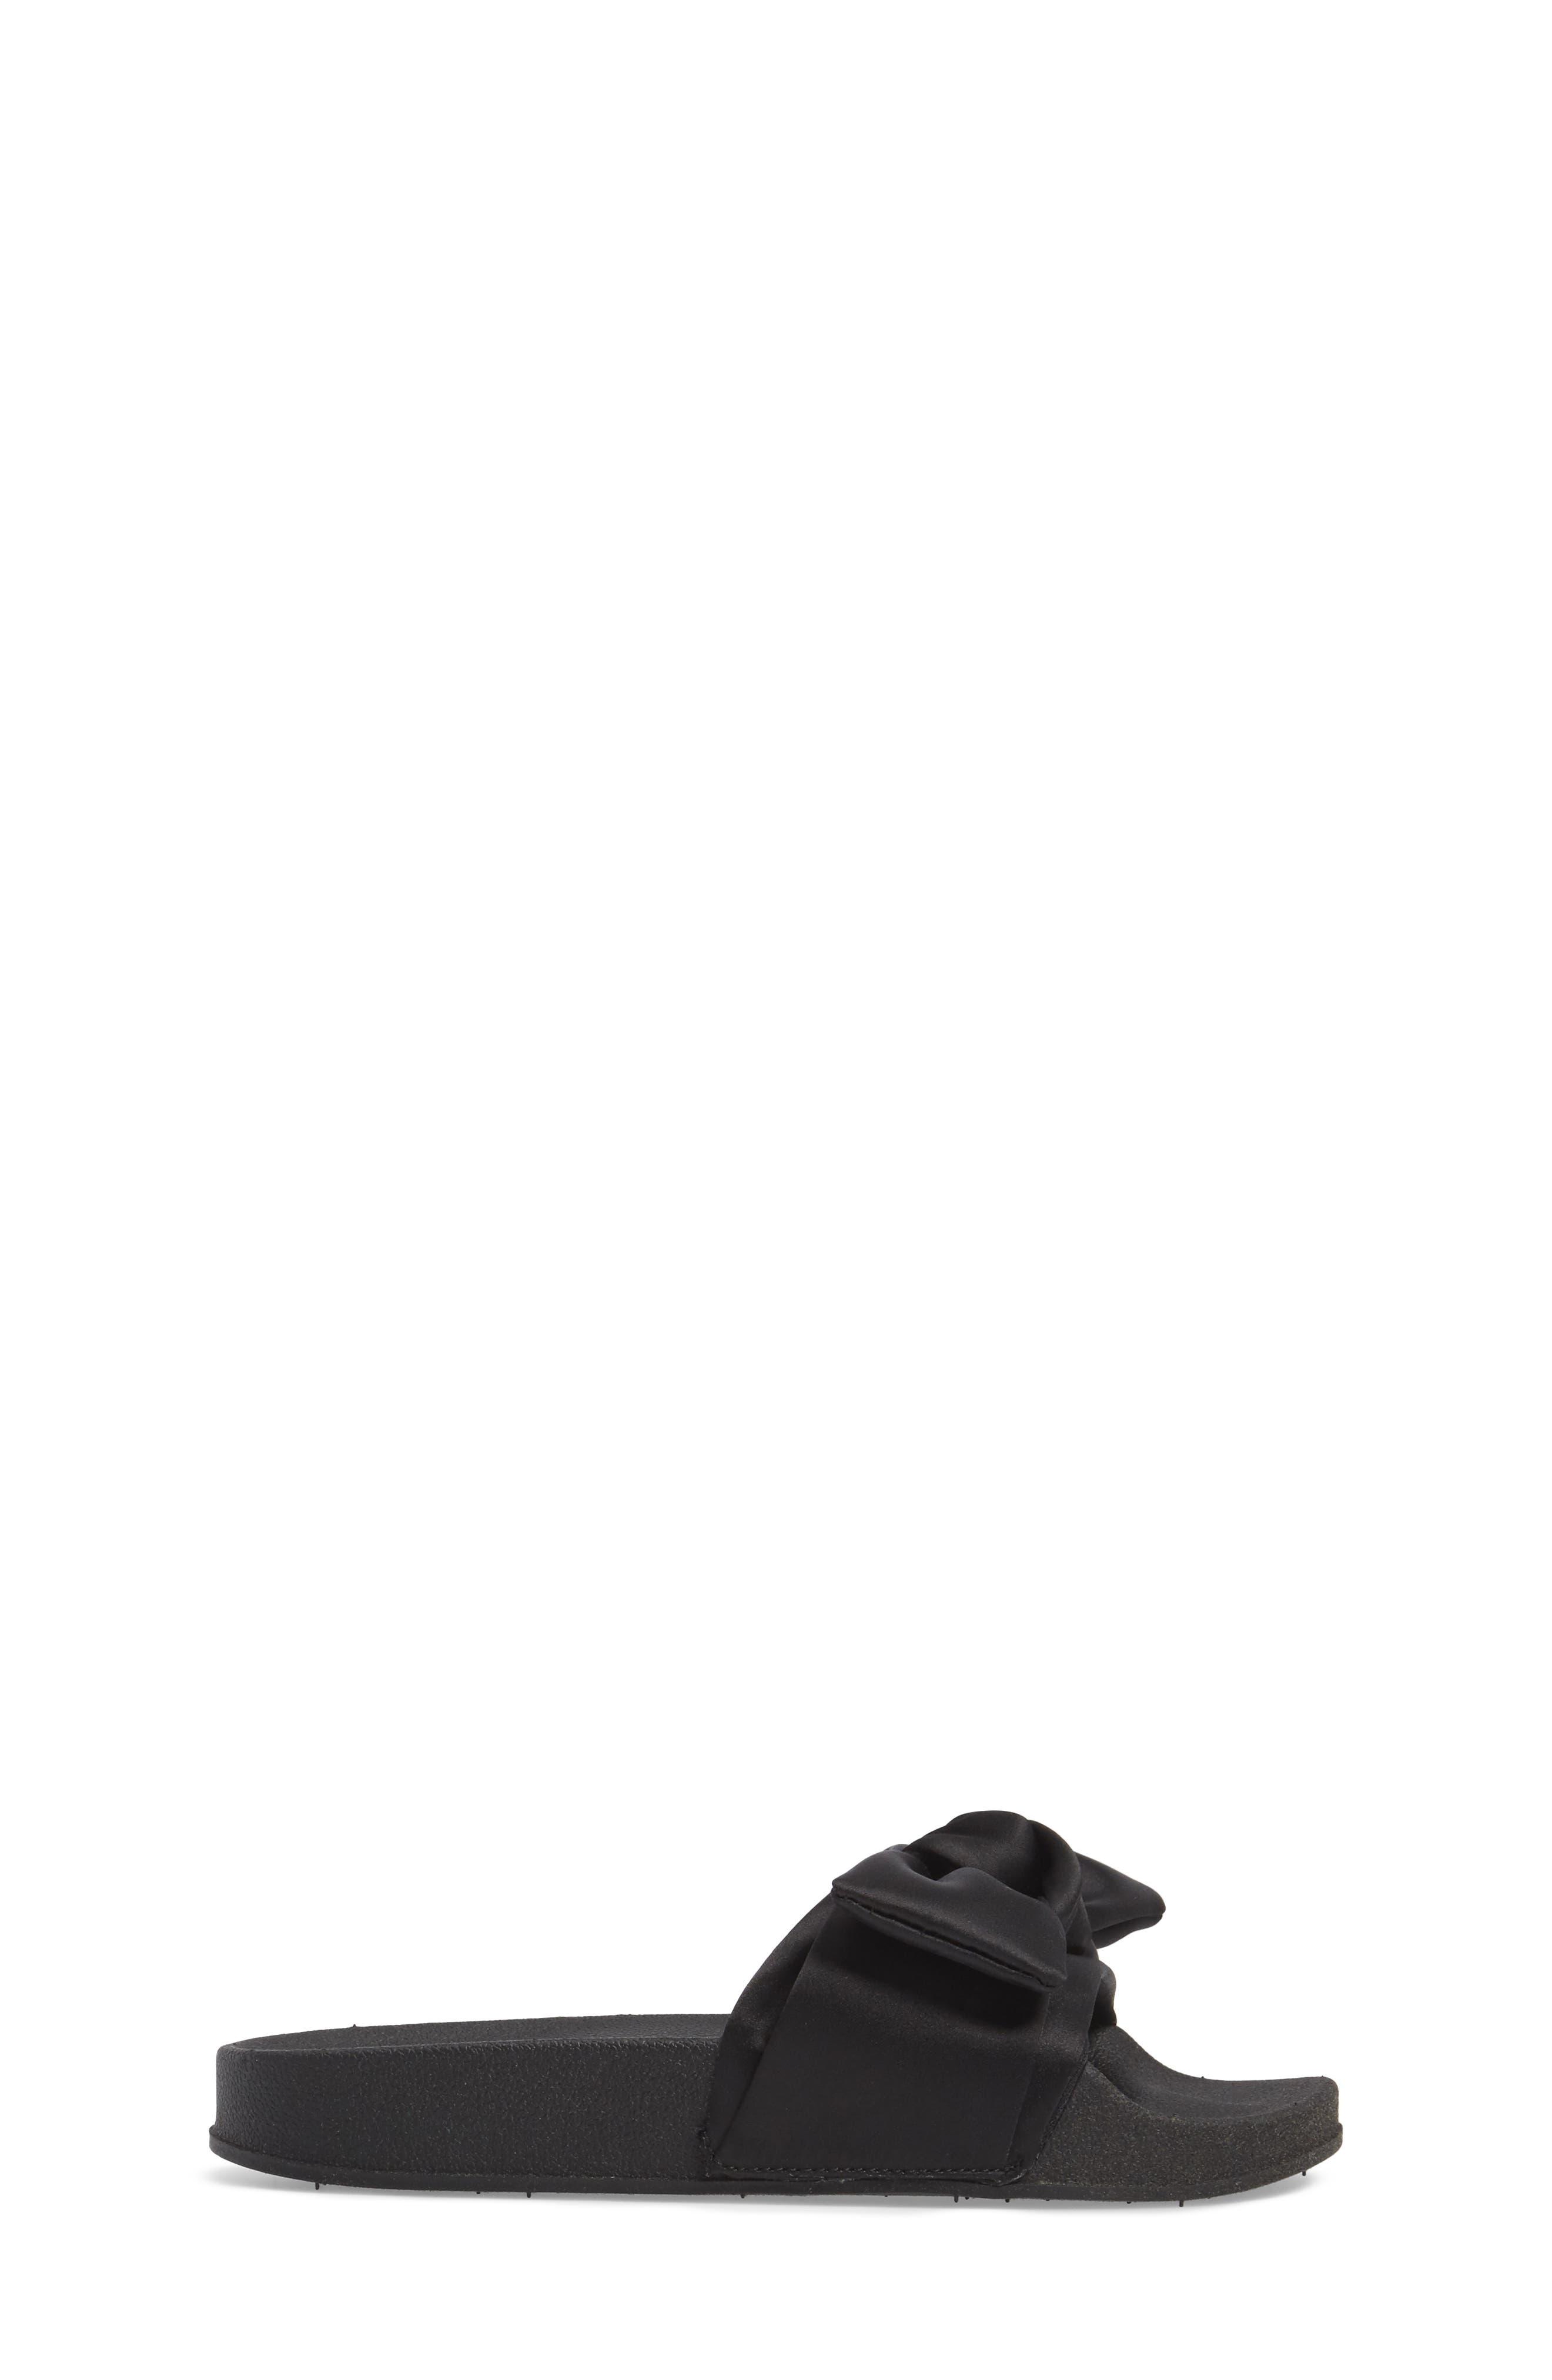 JSilky Slide Sandal,                             Alternate thumbnail 3, color,                             003